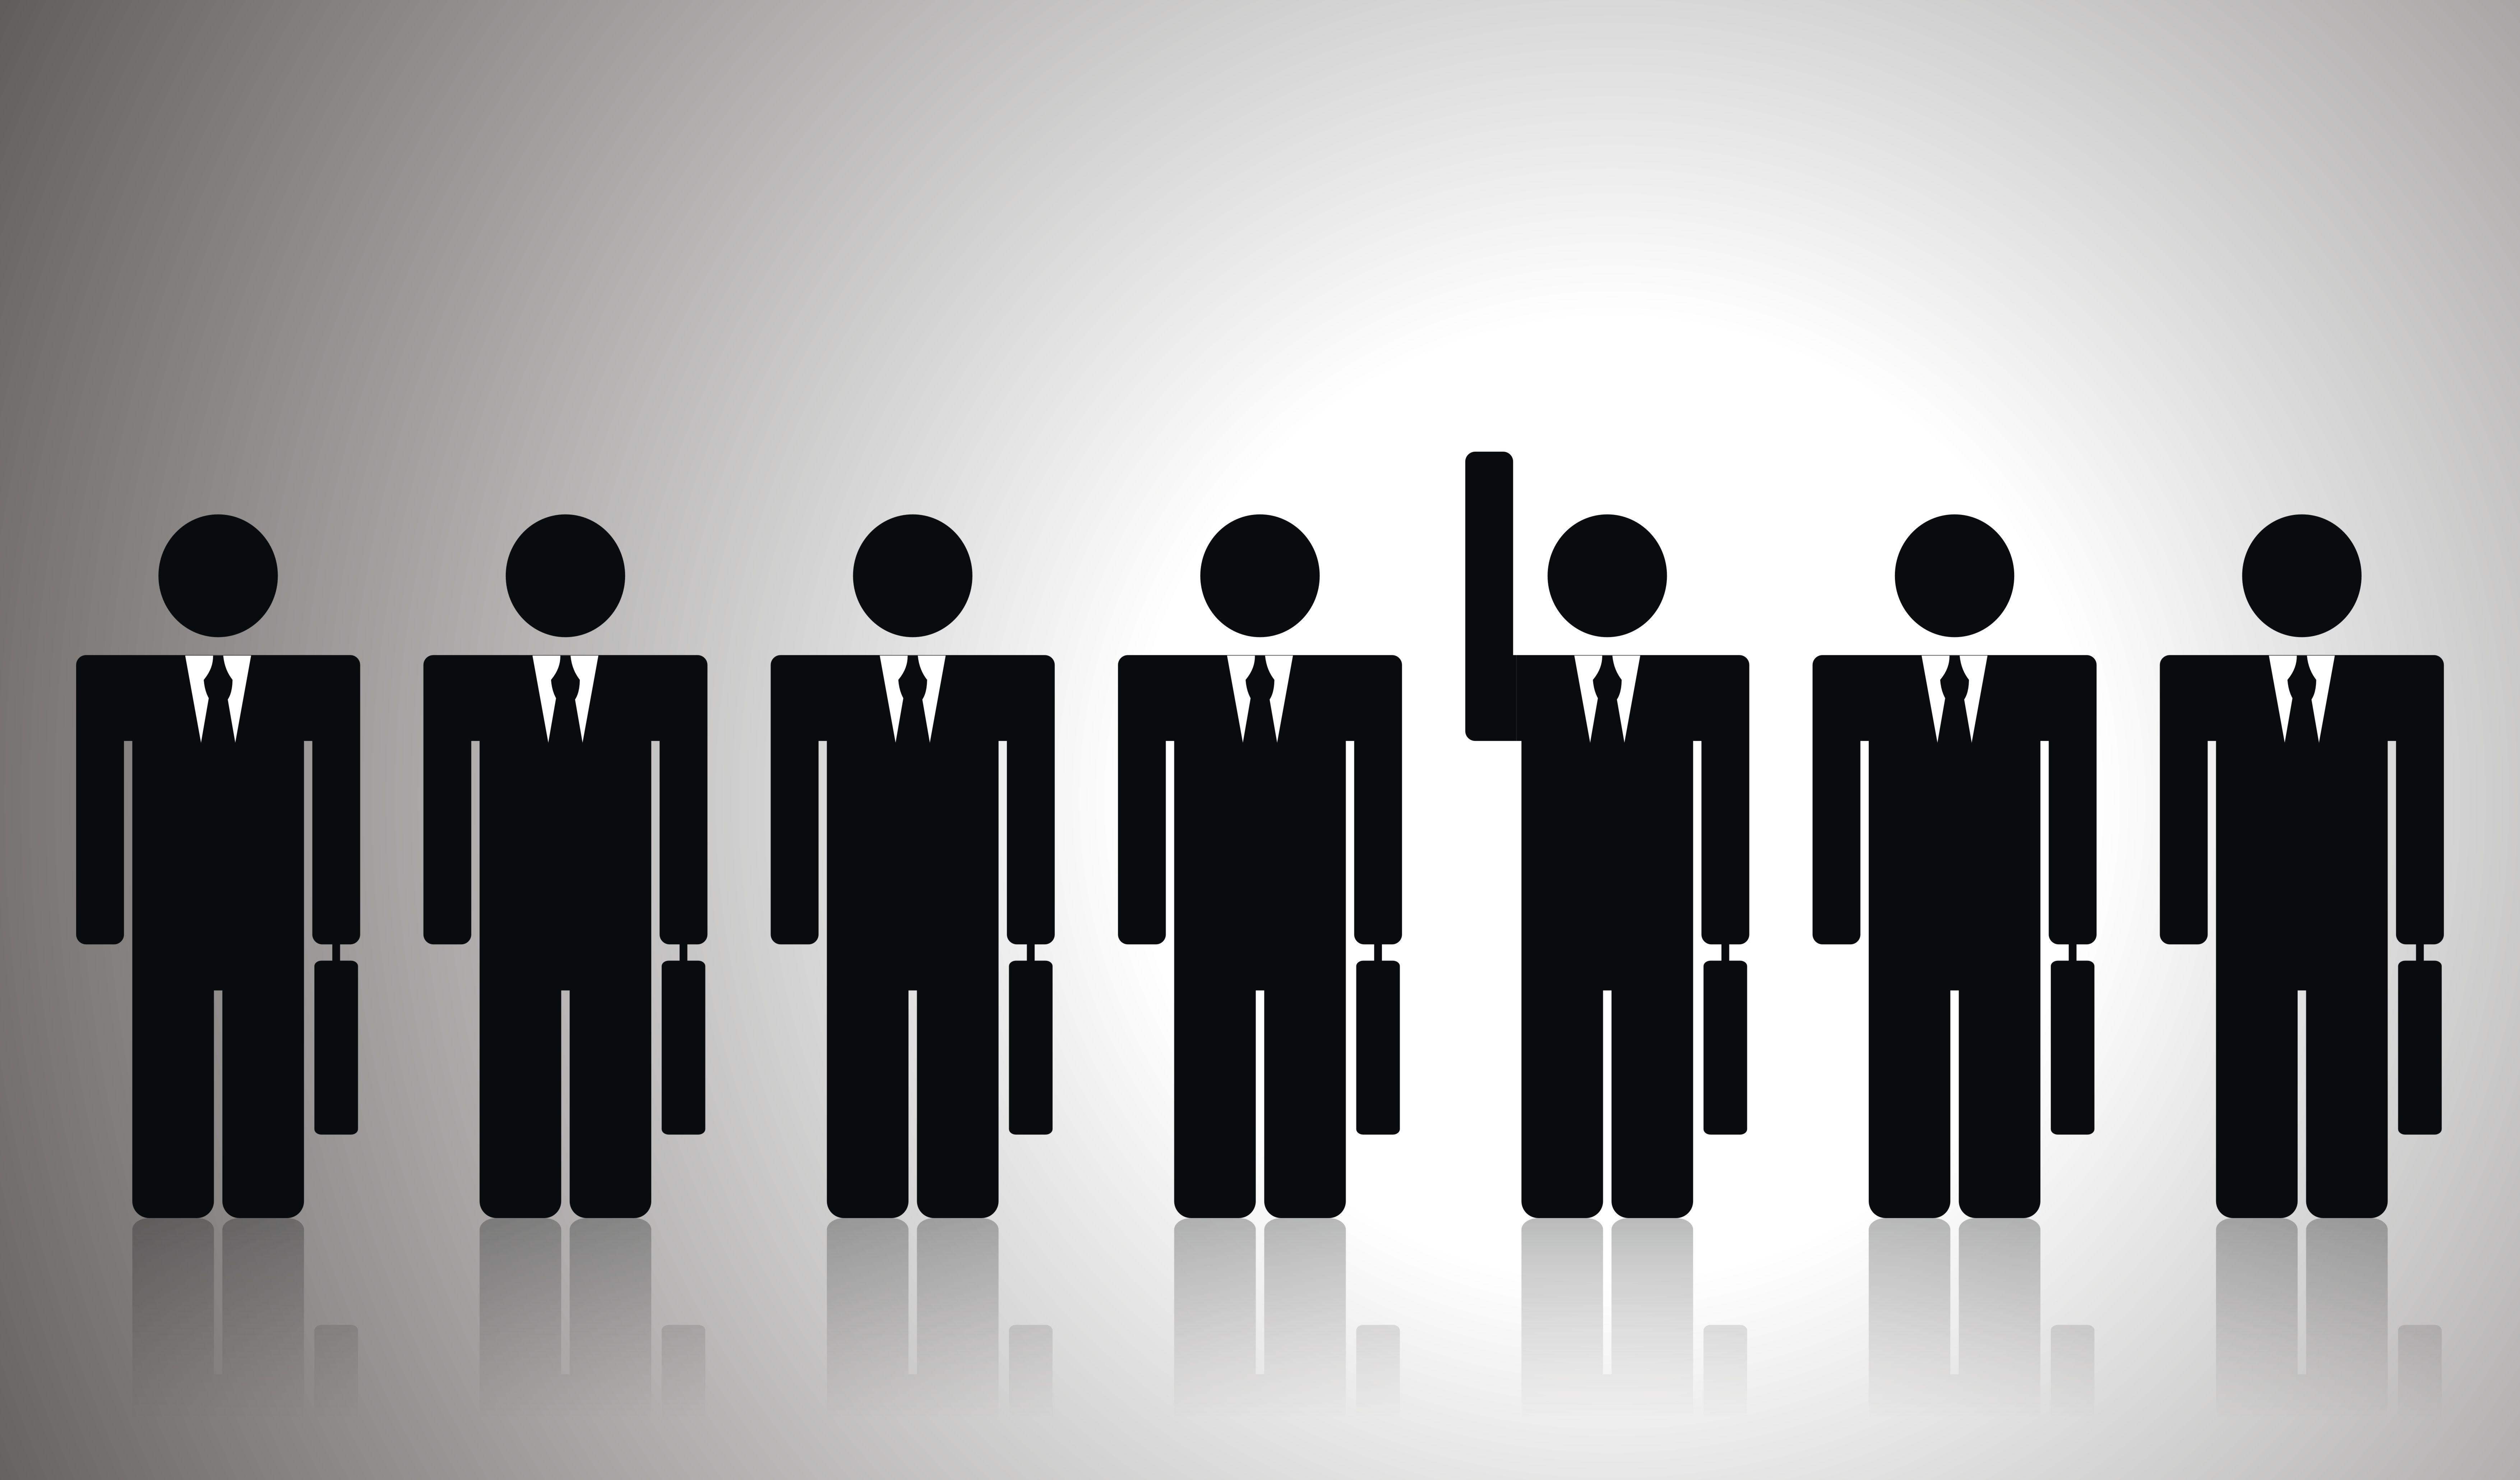 Ofertas #Empleo Hotel, selecciona comerciales con experiencia previa ...